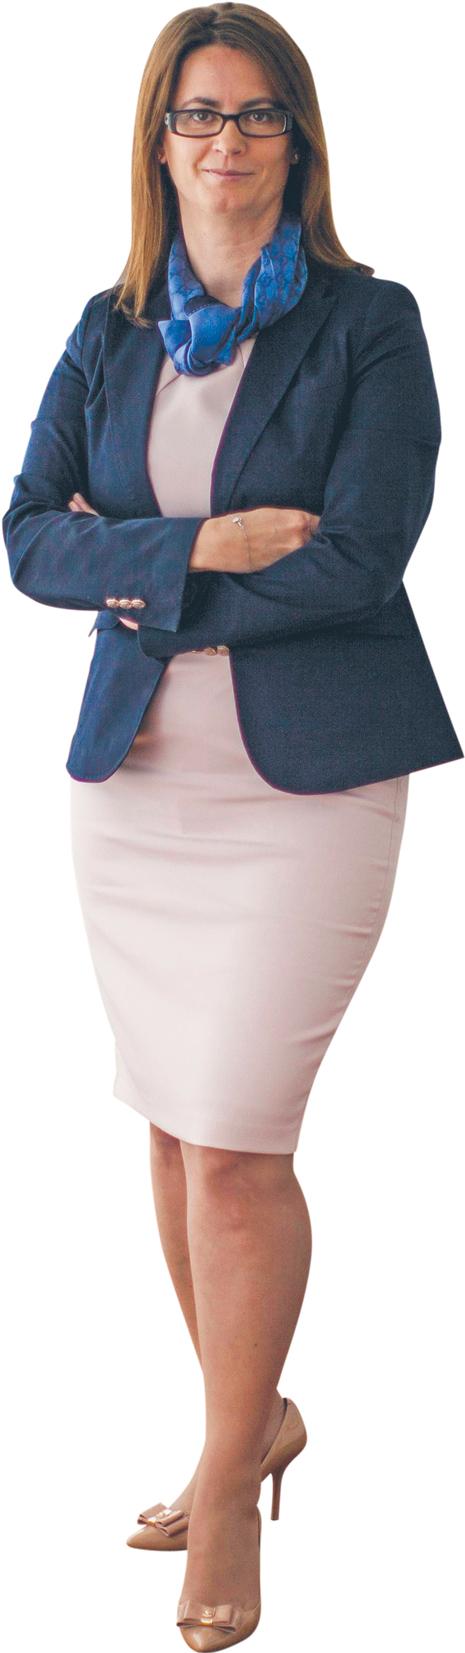 Katarzyna Zajdel-Kurowska od kwietnia 2013 r. jest członkiem zarządu NBP. Pod koniec lat 90. rozpoczęła pracę jako ekonomista w Ministerstwie Finansów, skąd przeszła do Citibanku, by pracować jako analityk bankowy. W 2007 r. na stanowisko wiceministra finansów odpowiedzialnego za zarządzanie długiem publicznym ściągnęła ją wicepremier Zyta Gilowska. W 2009 r. przeniosła się na cztery lata do Waszyngtonu, gdzie pełniła funkcję przedstawiciela Polski w Międzynarodowym Funduszu Walutowym.